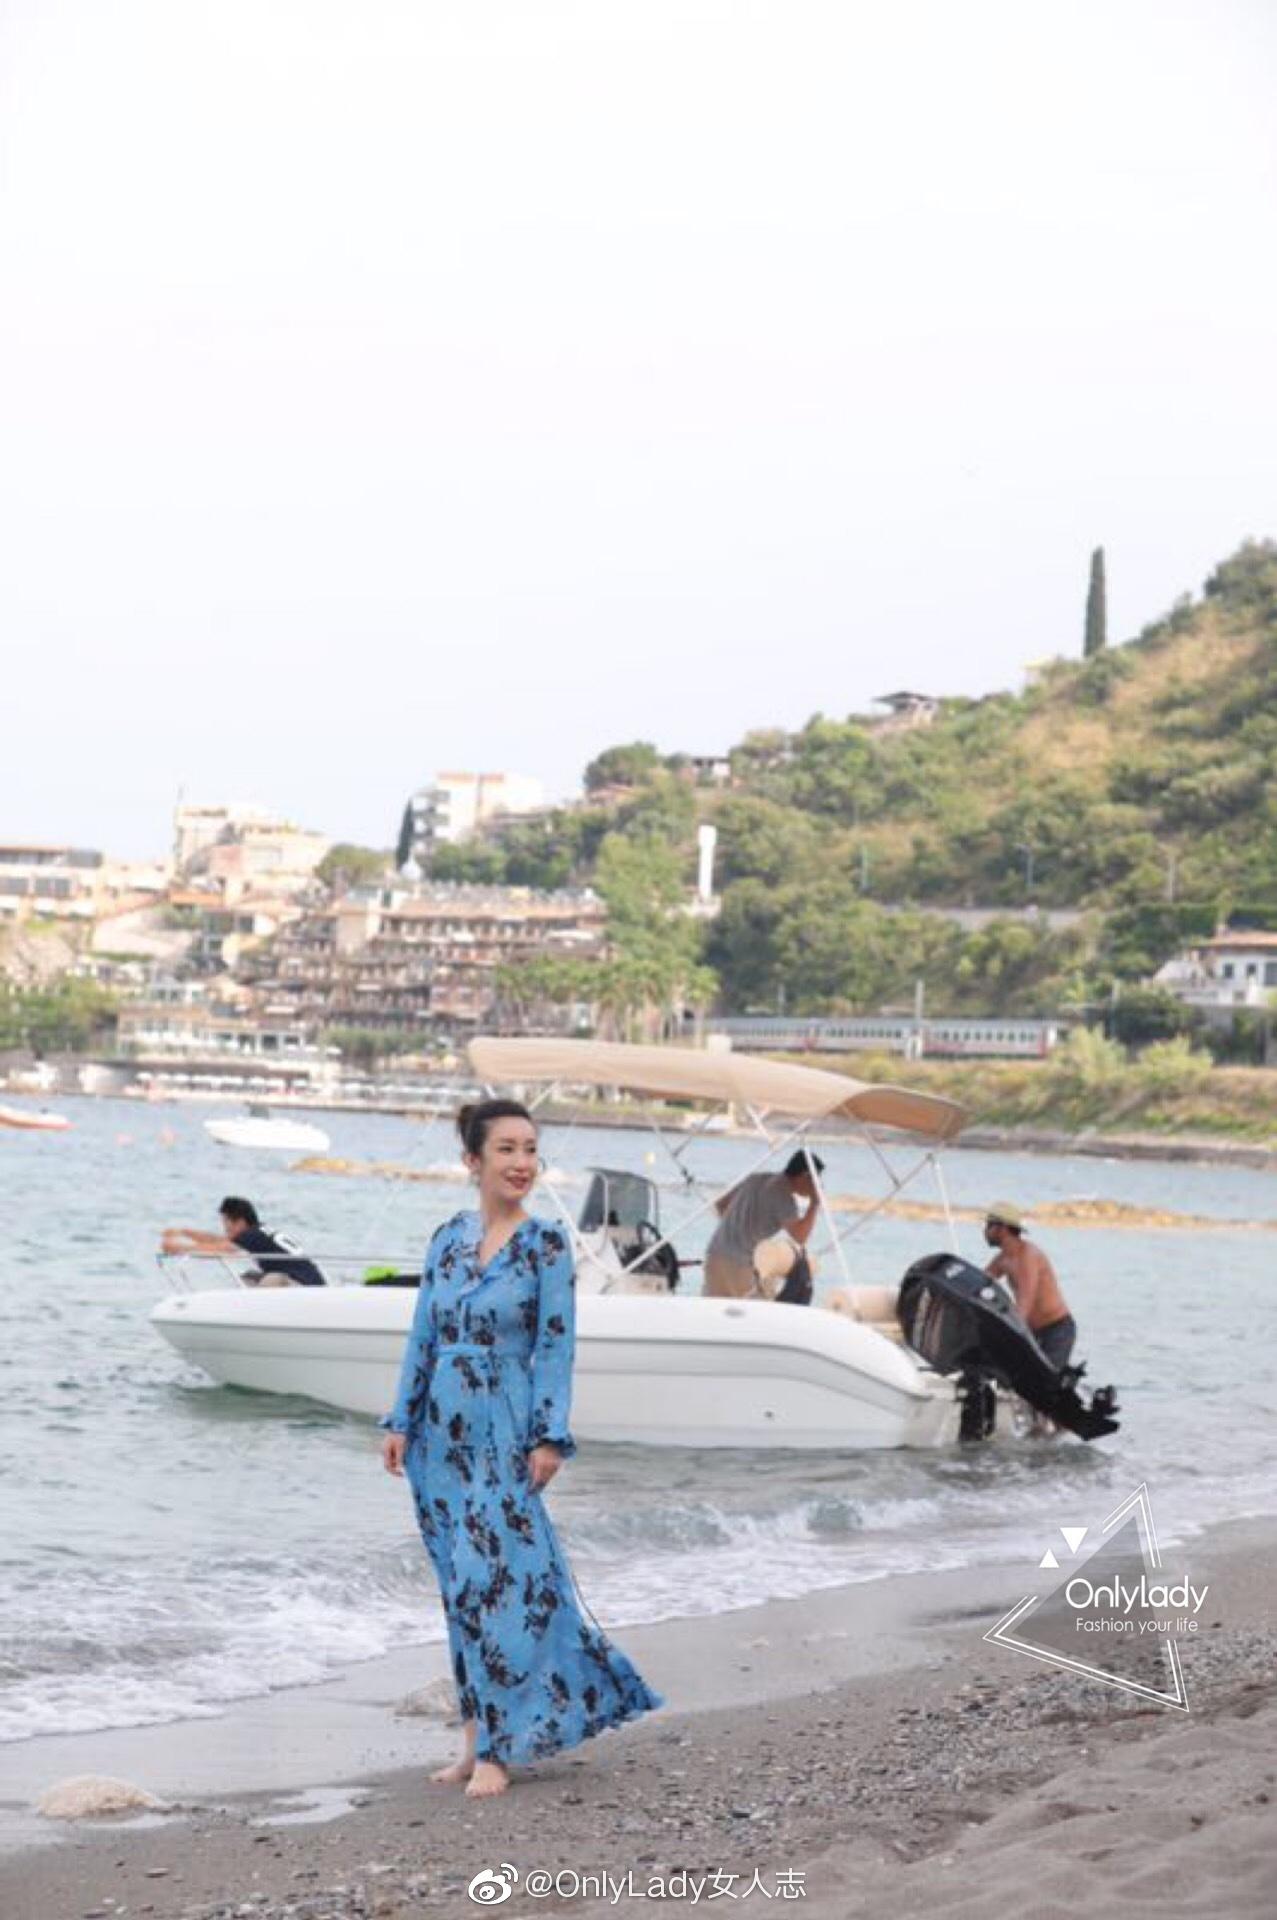 @秦海璐 身着蓝色复古印花长裙散步海边,竹编水桶包精巧别致